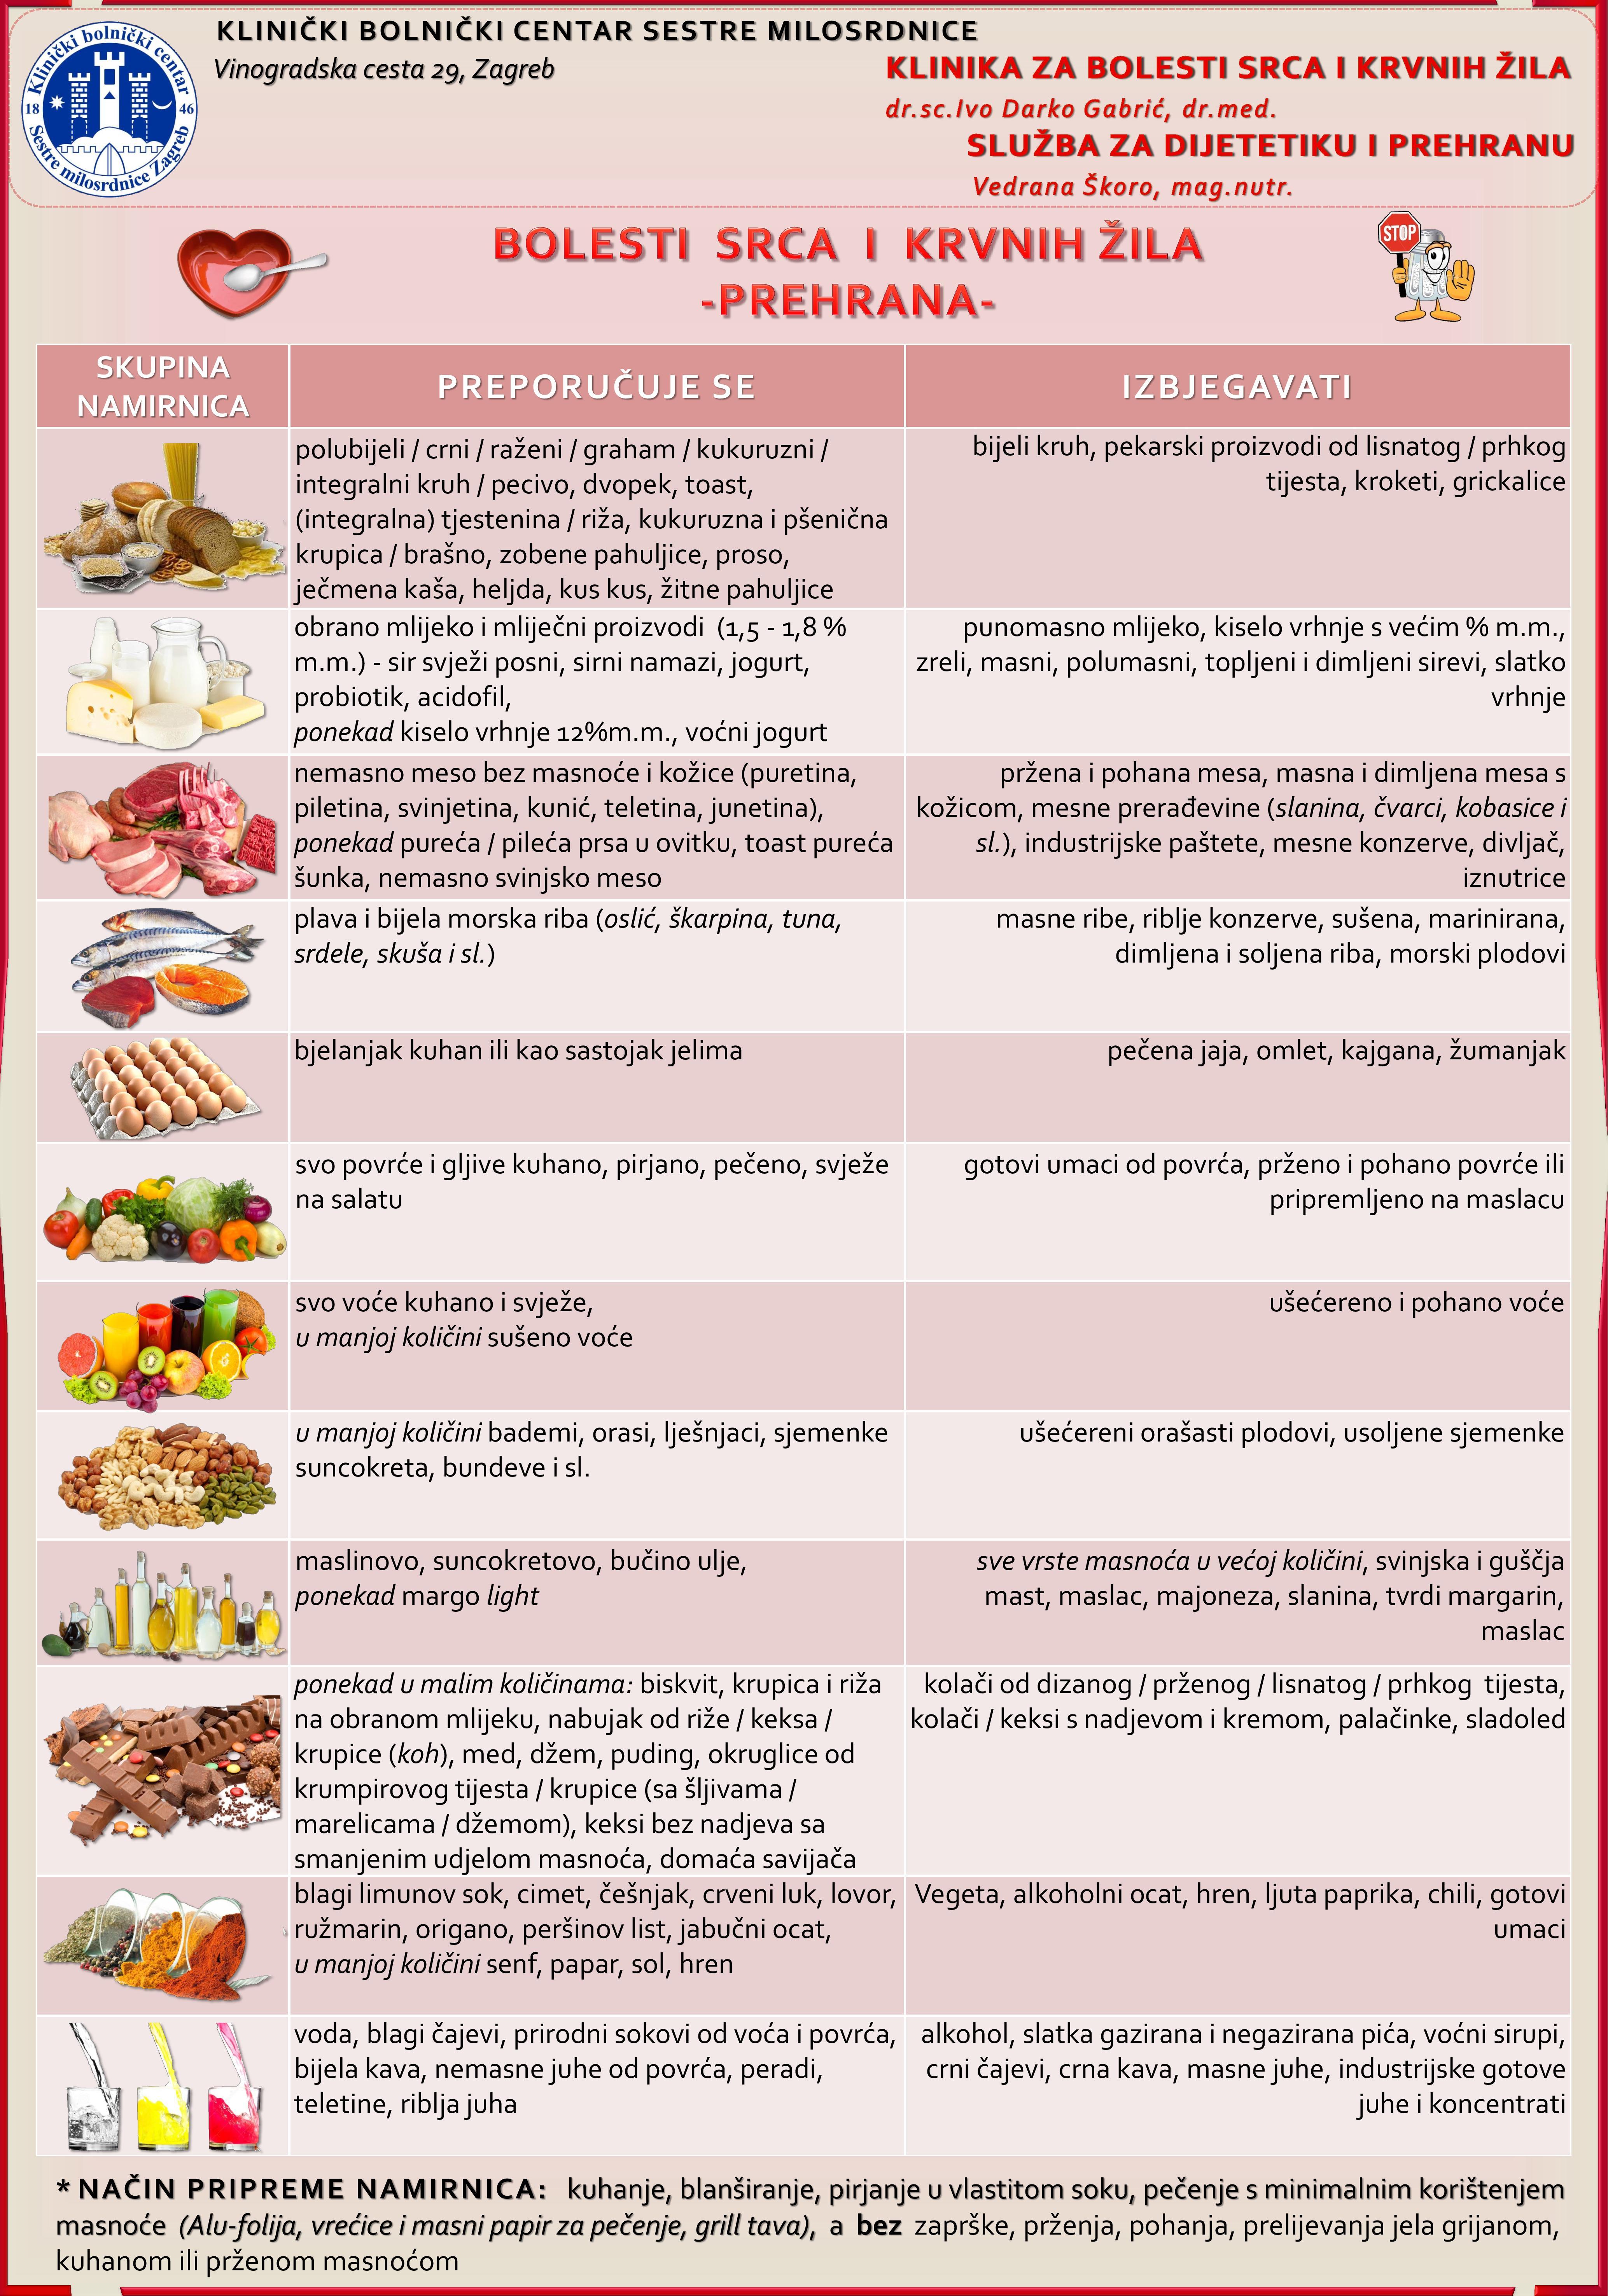 dijeta za hipertenziju ateroskleroze)